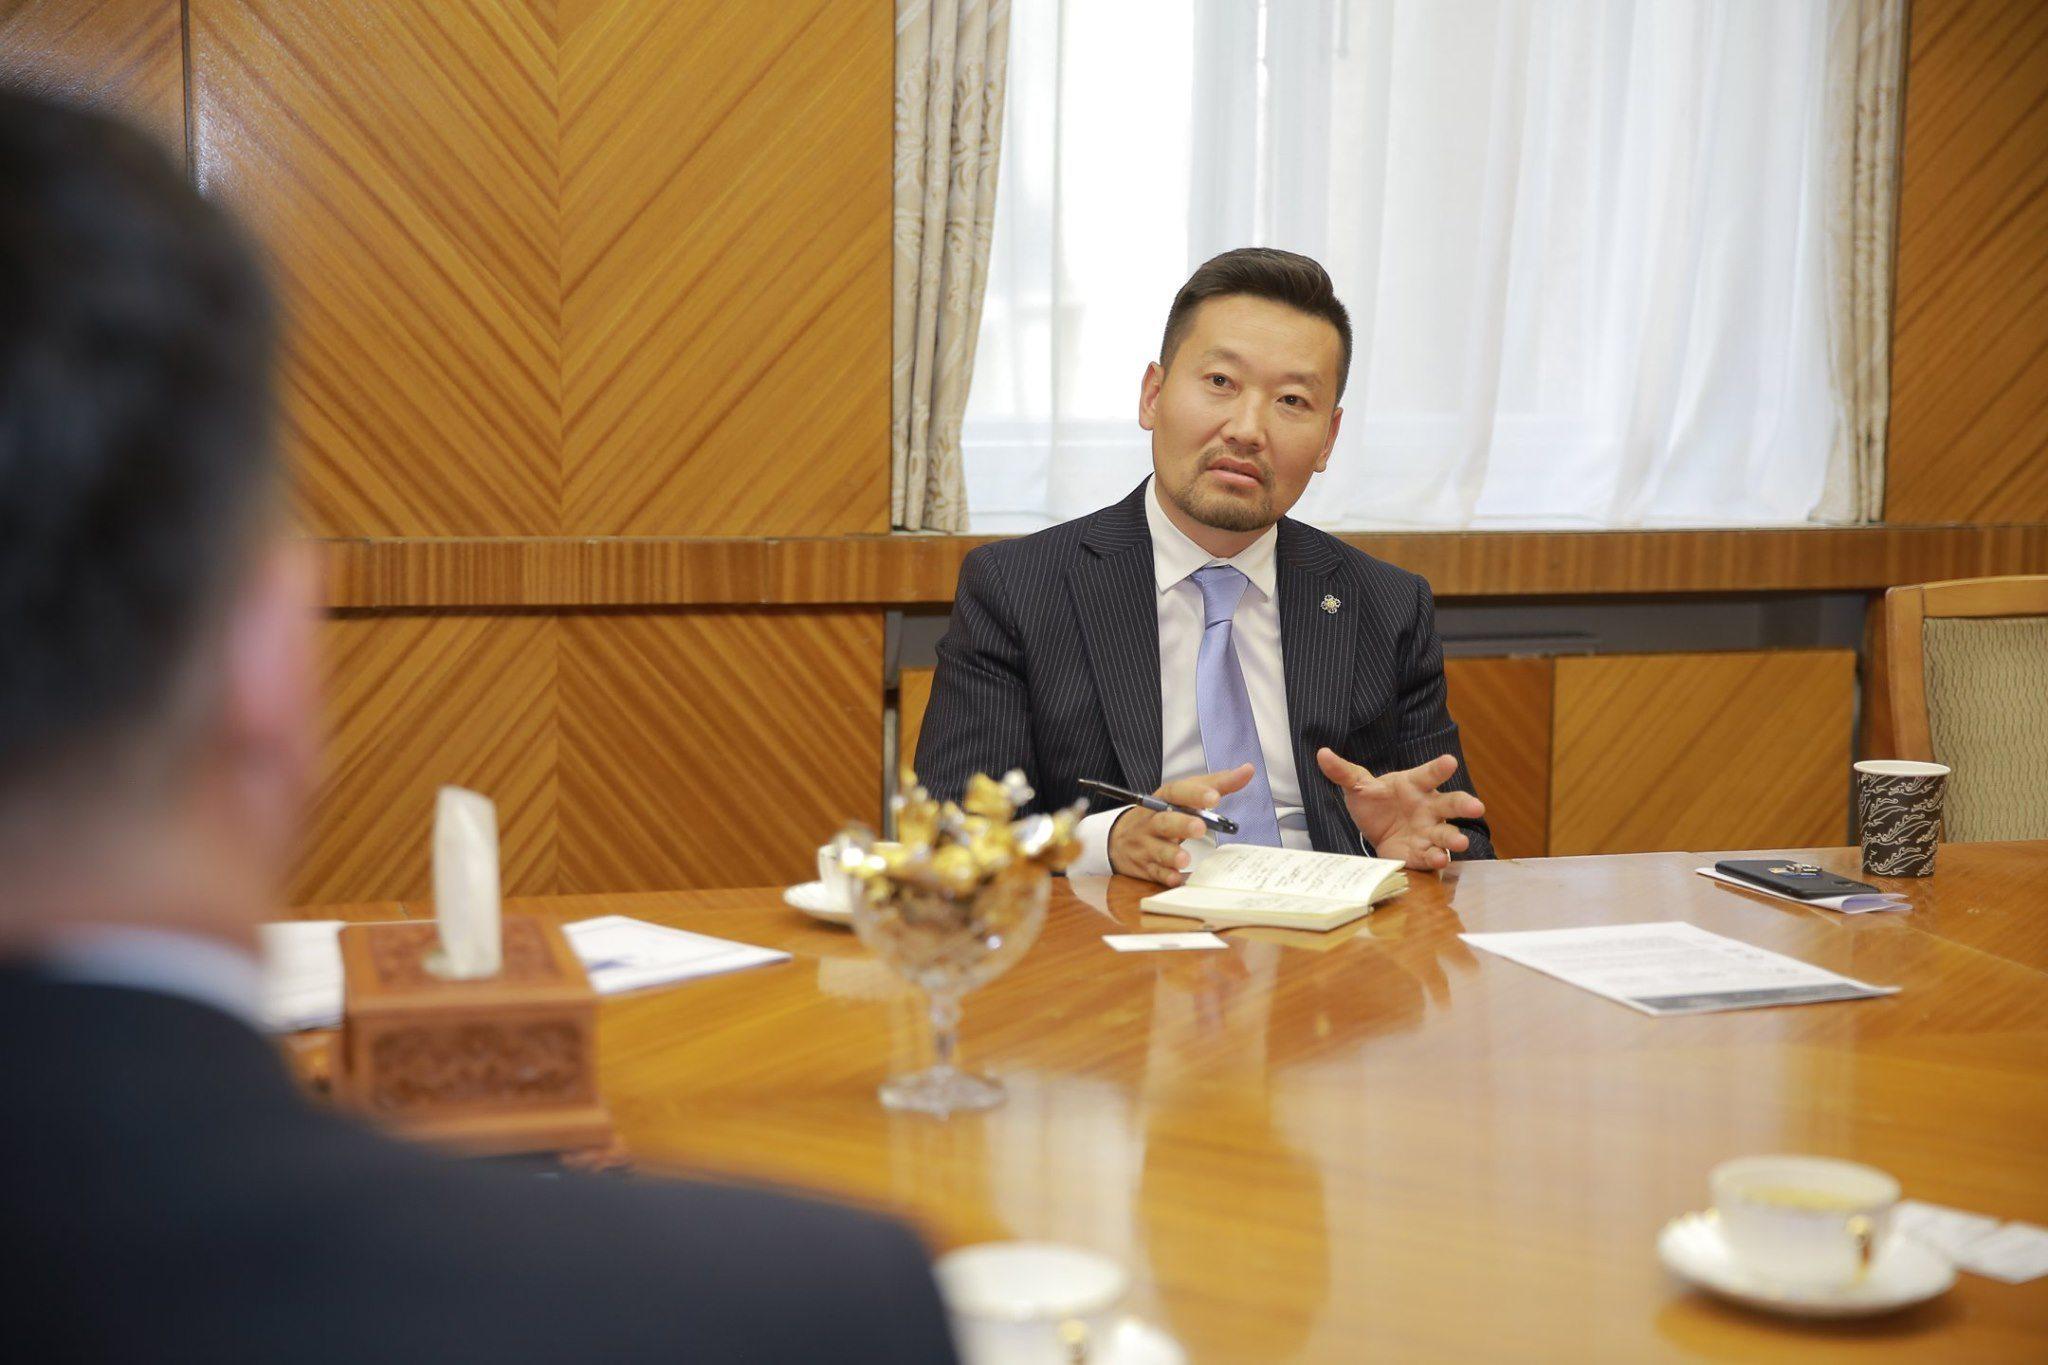 Х.Ганхуяг: Би бизнесийн орчныг эрүүл болгох гэж улс төрд орсон